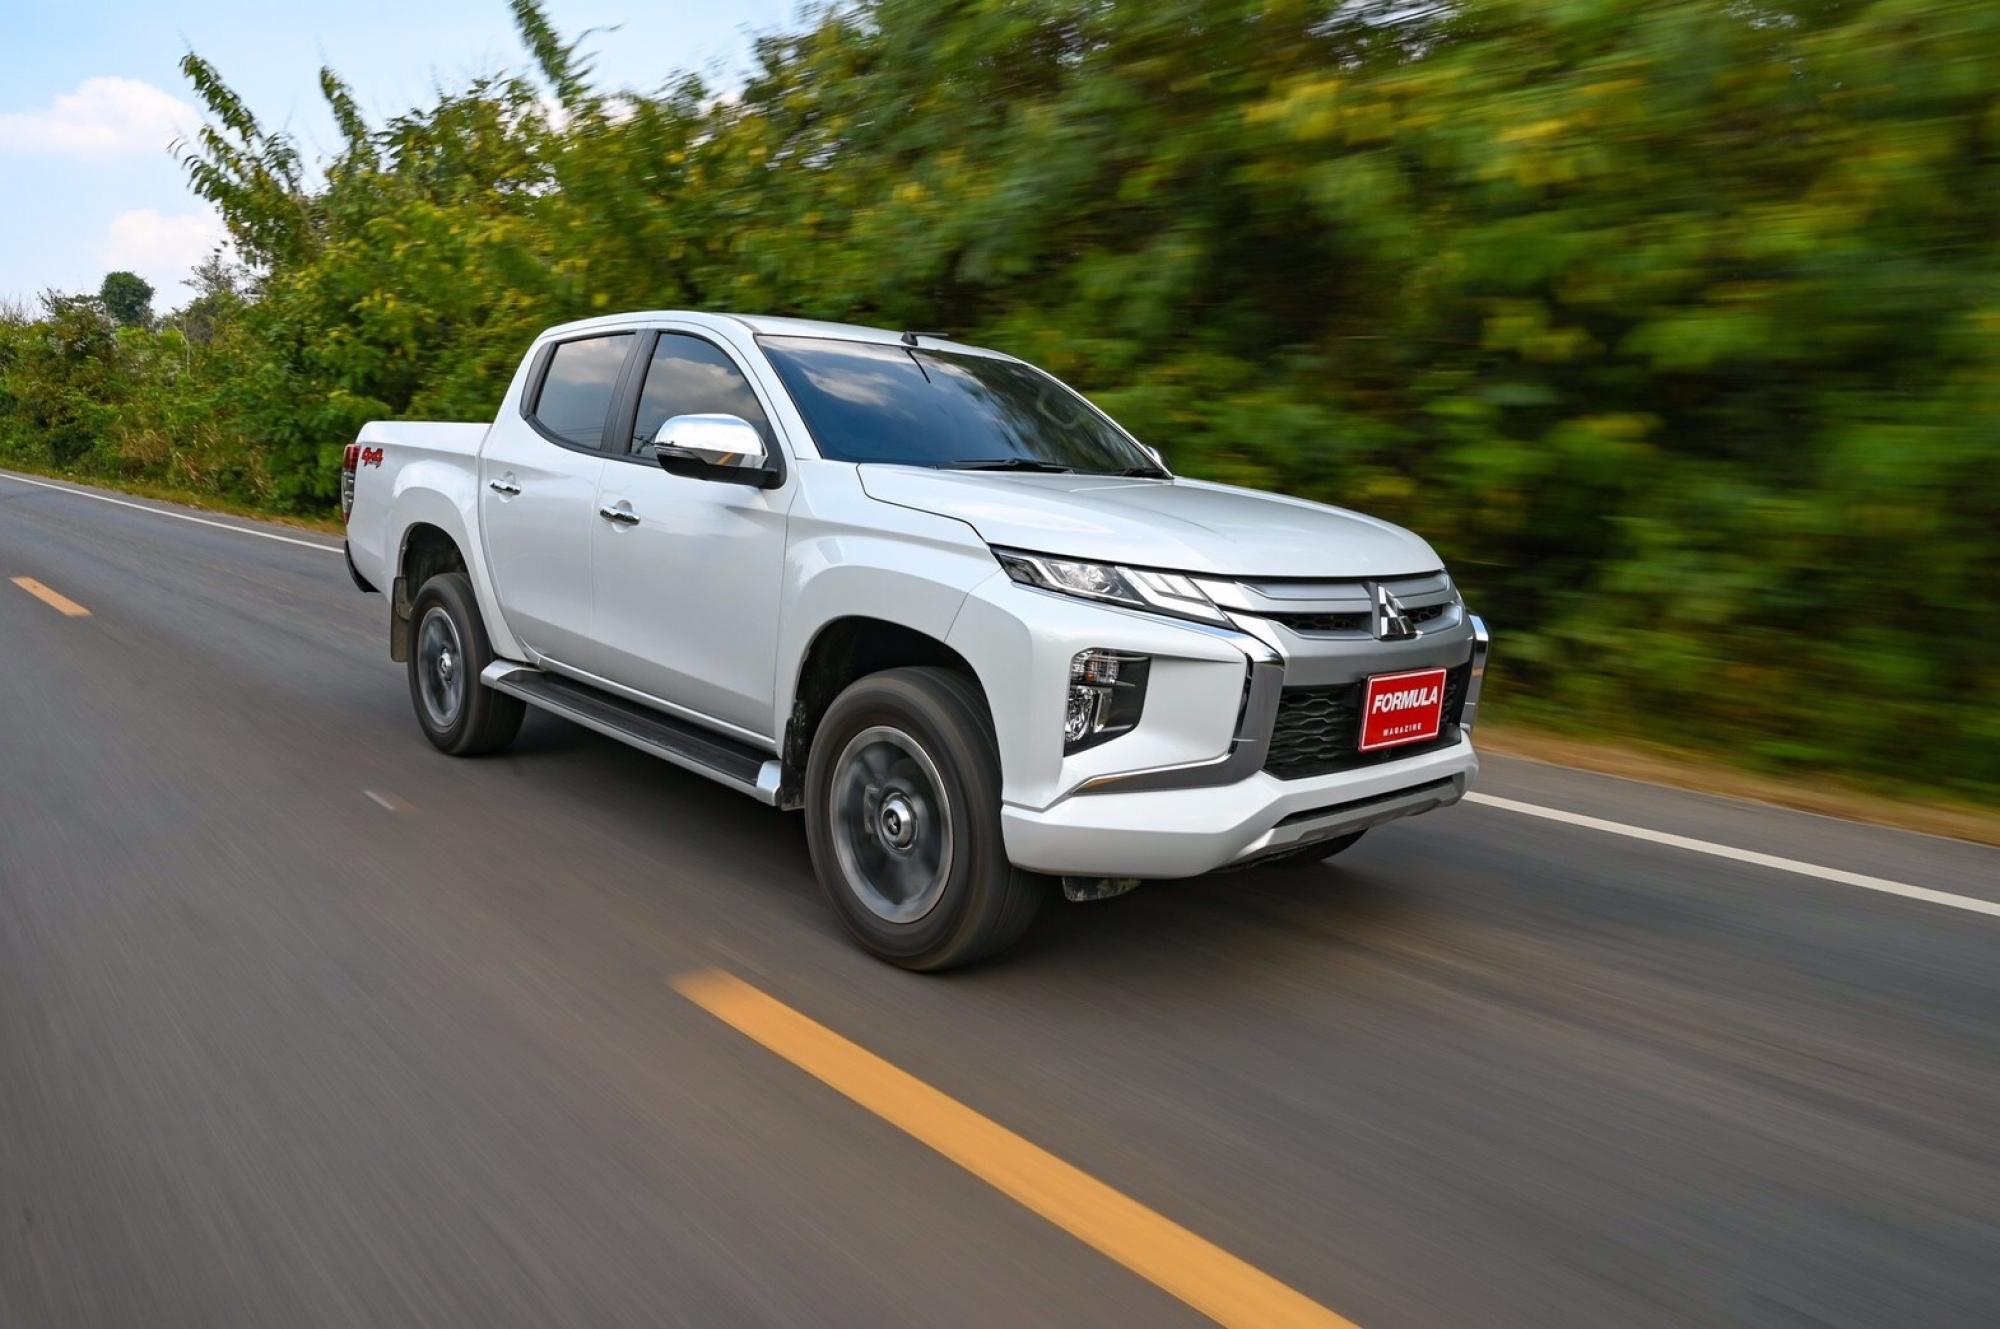 MITSUBISHI TRITON DOUBLE CAB 4WD GT-PREMIUM AT